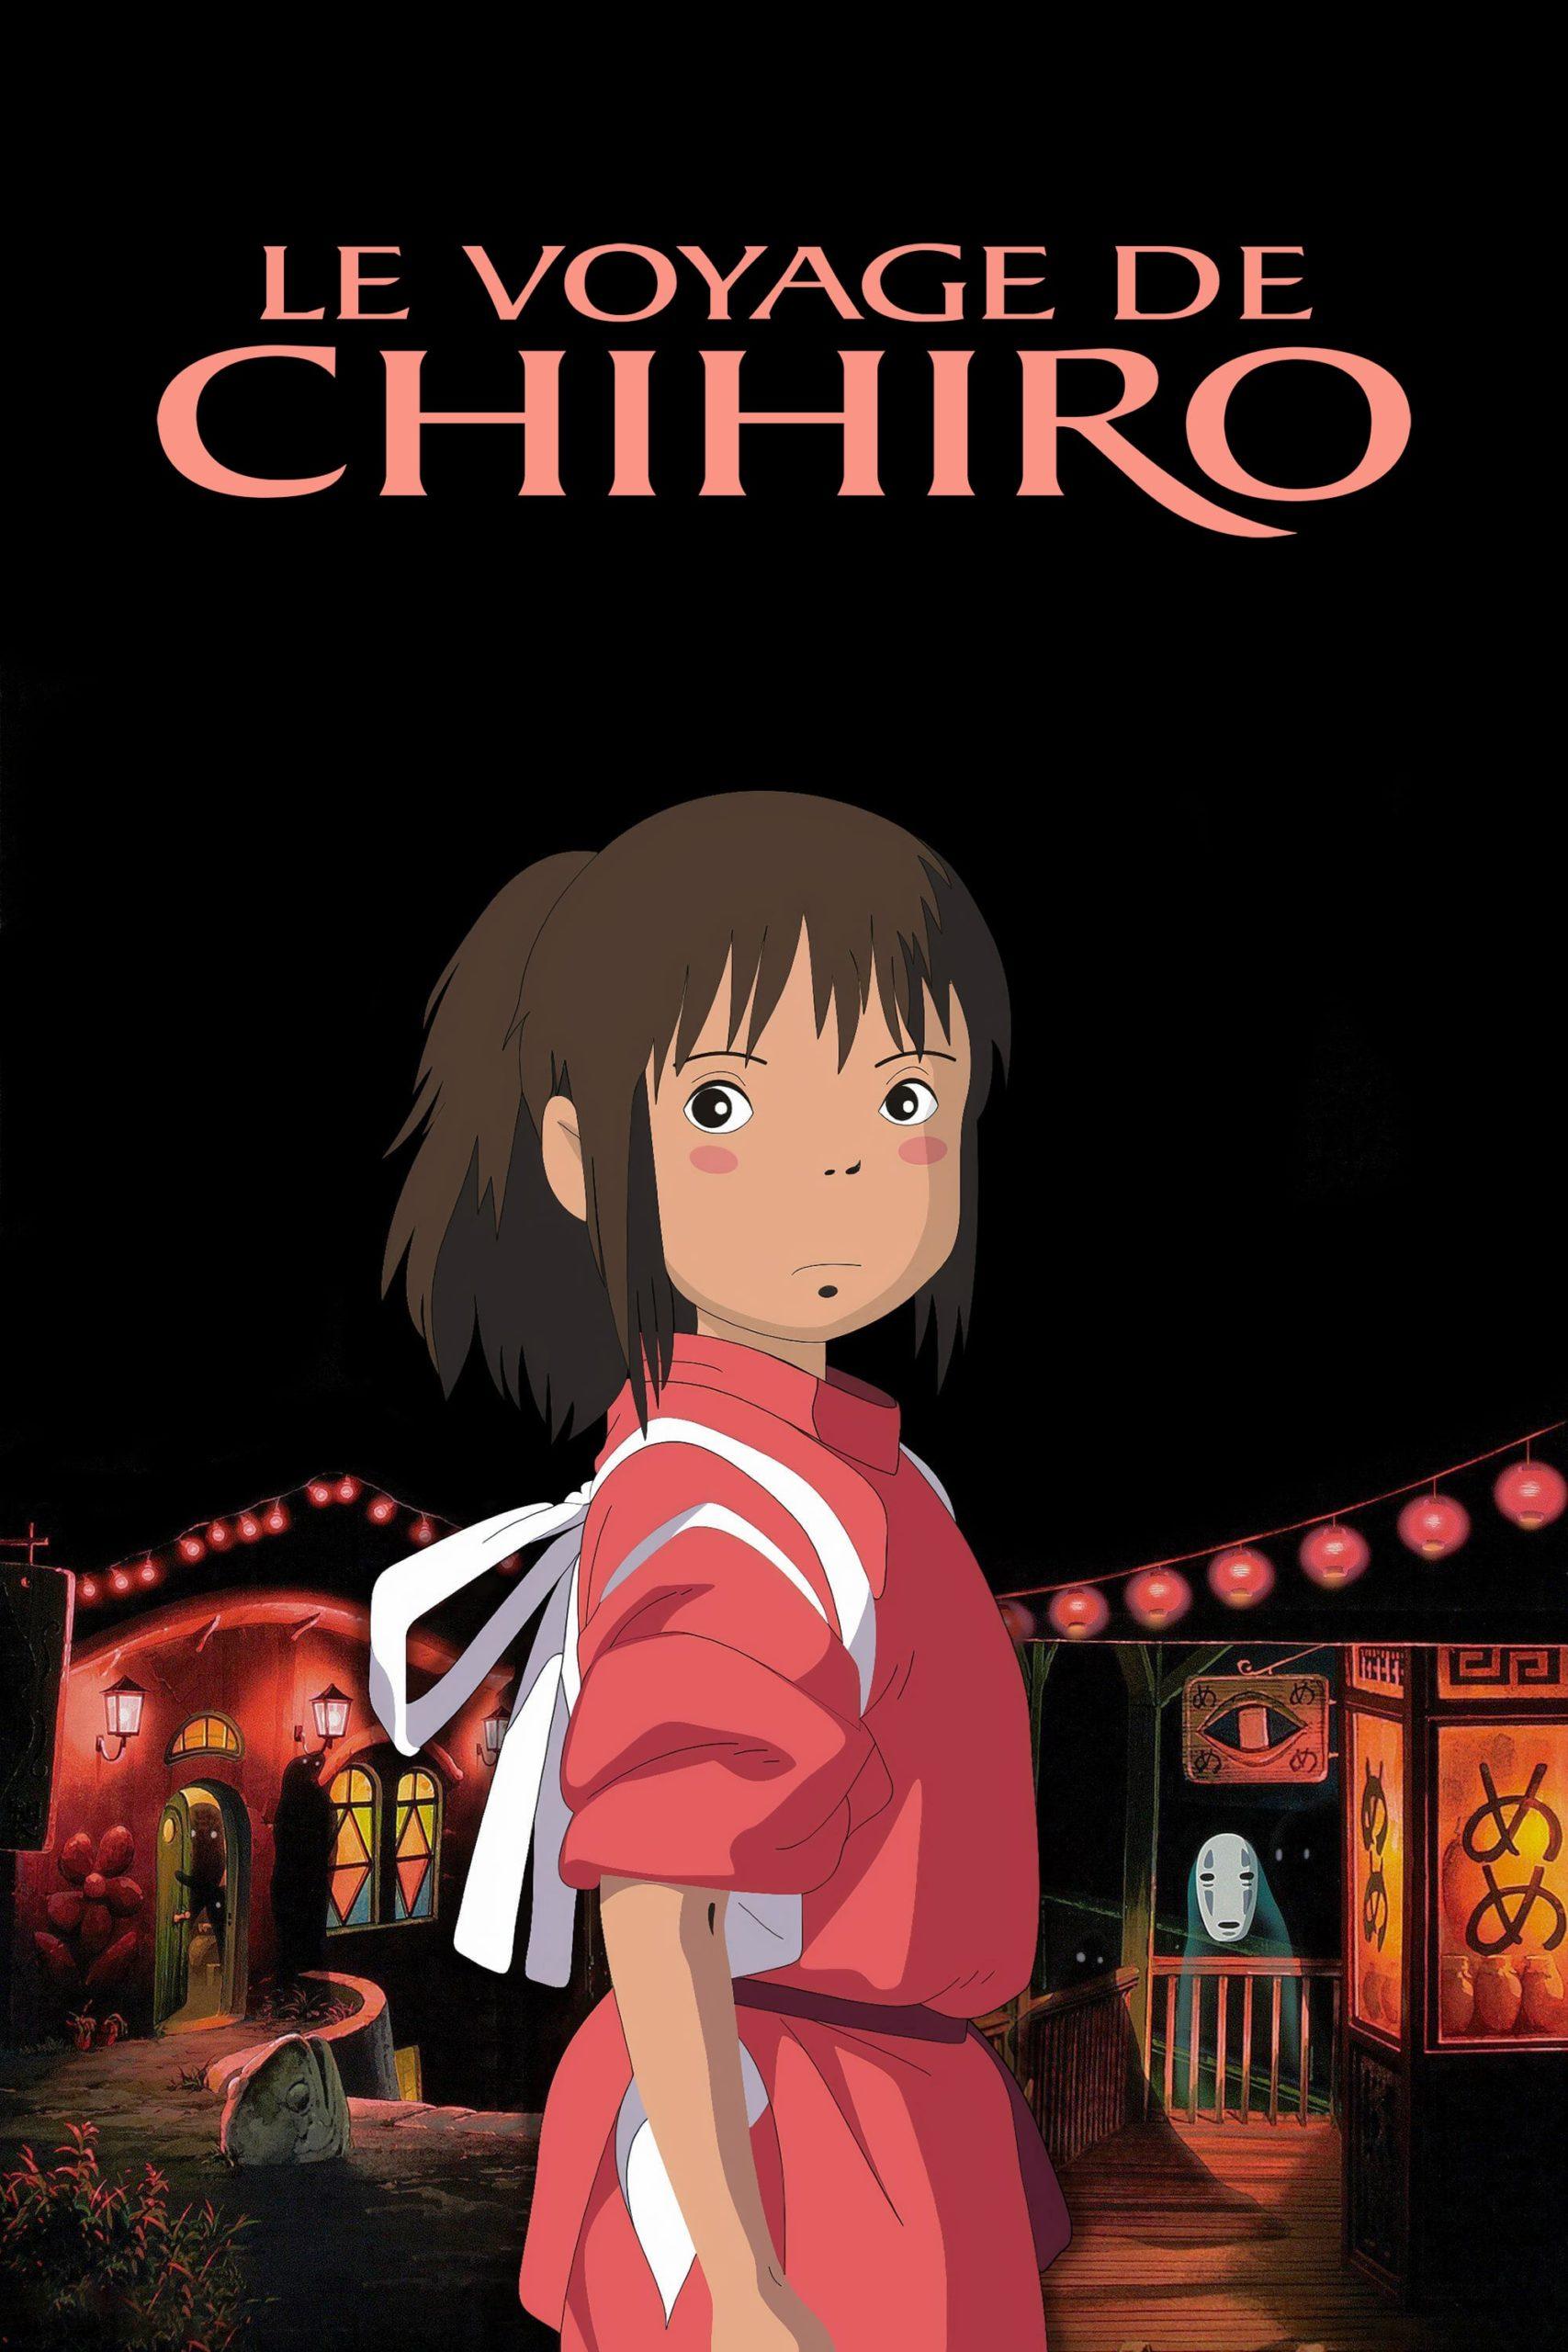 Regarder Le Voyage de Chihiro en streaming gratuit